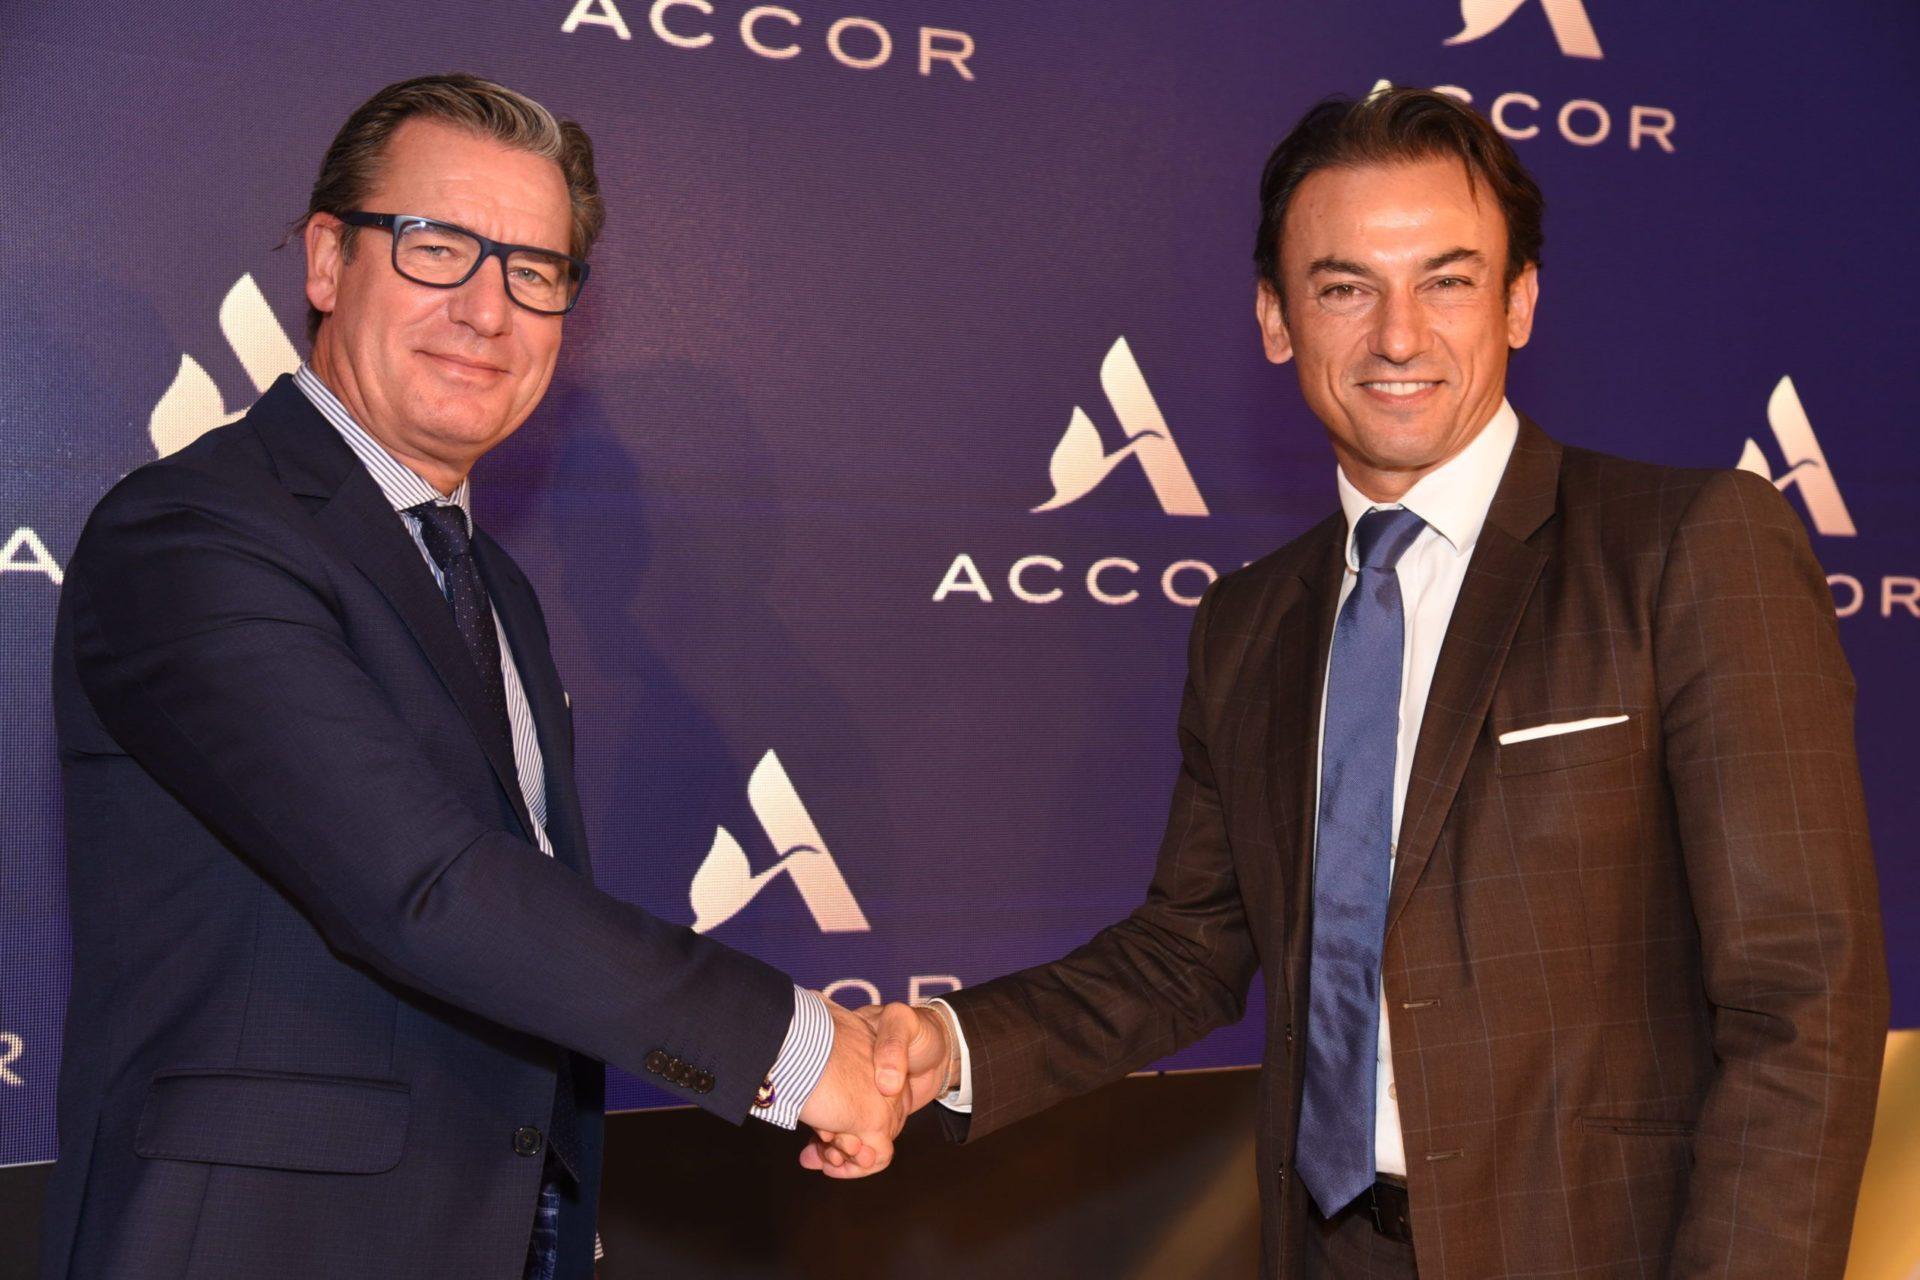 Accor CEO